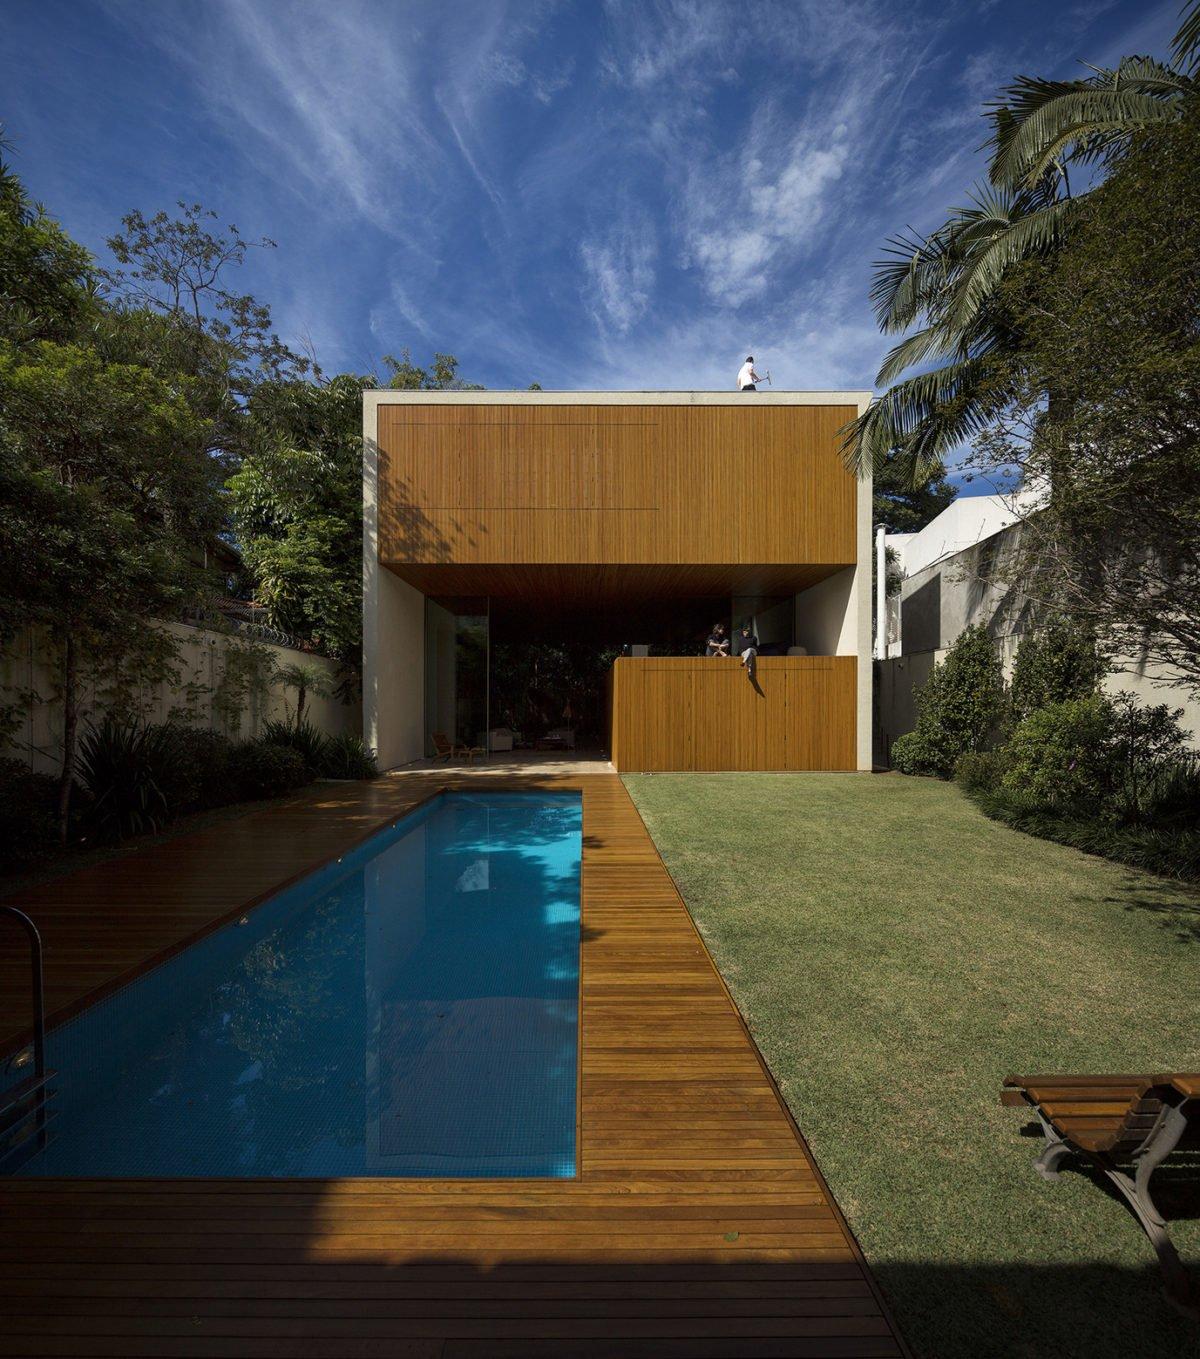 8Tetris House In São Paulo Brazil By Studiomk27 10 Ngôi nhà lấy ý tưởng từ trò chơi xếp hình TETRIS qpdesign